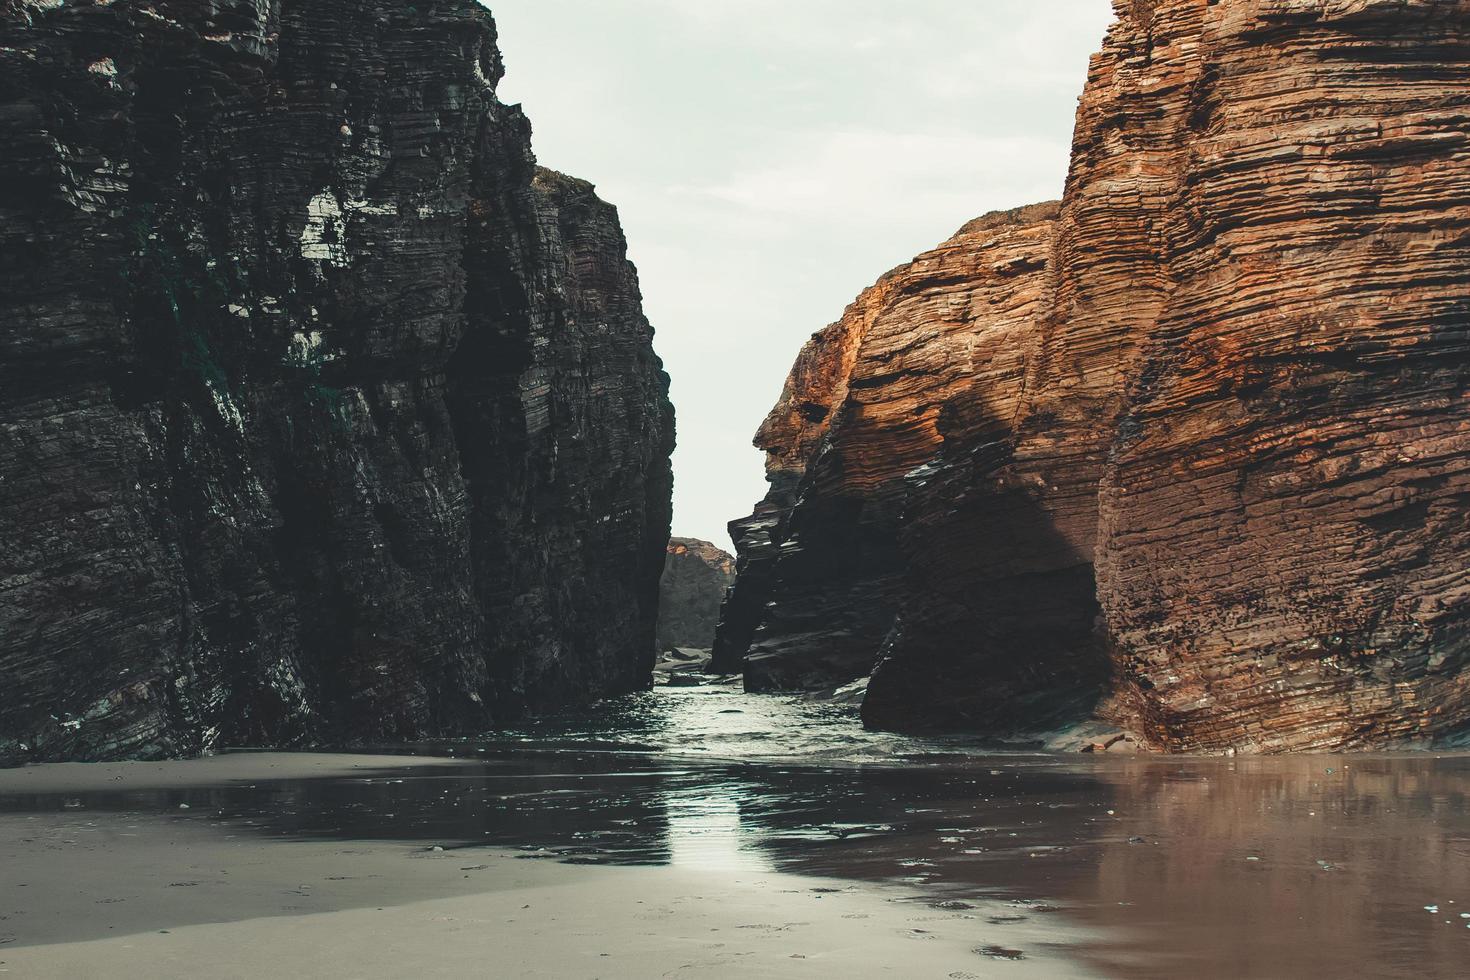 grandes rocas en la playa foto